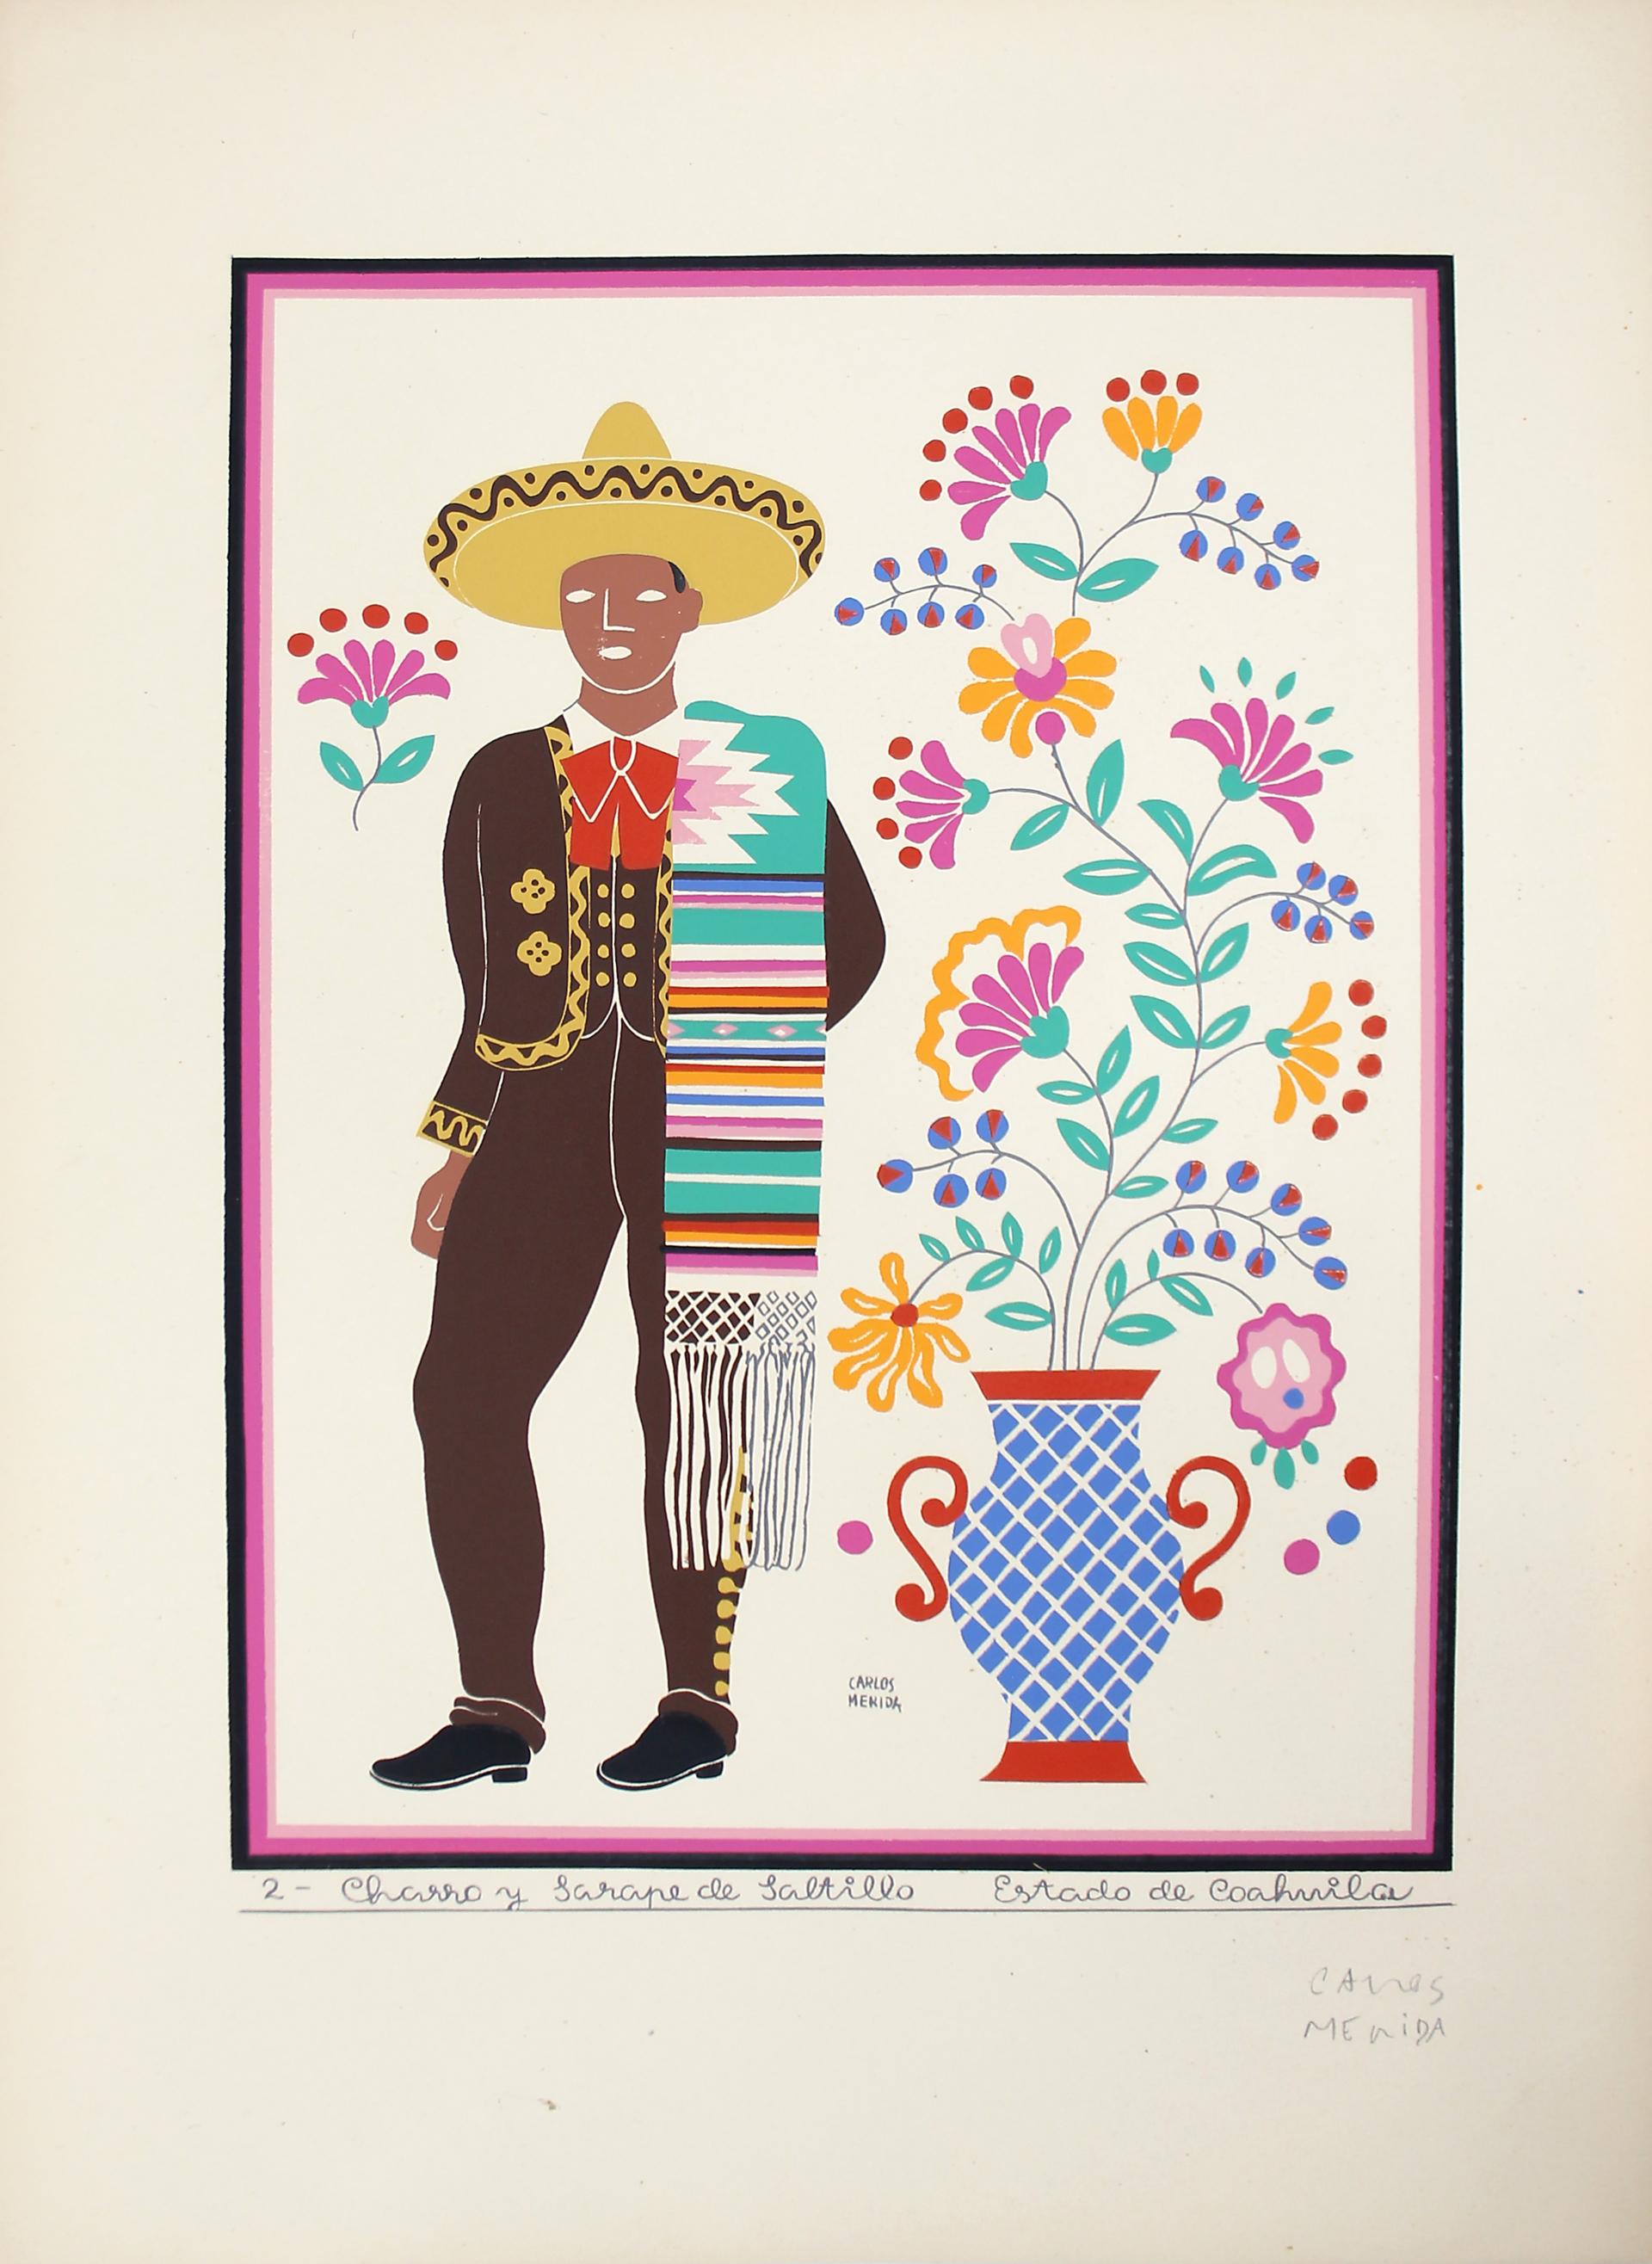 Charro y Sarape de Saltillo, Estado de Coahuila by Carlos Mérida (1891 - 1985)